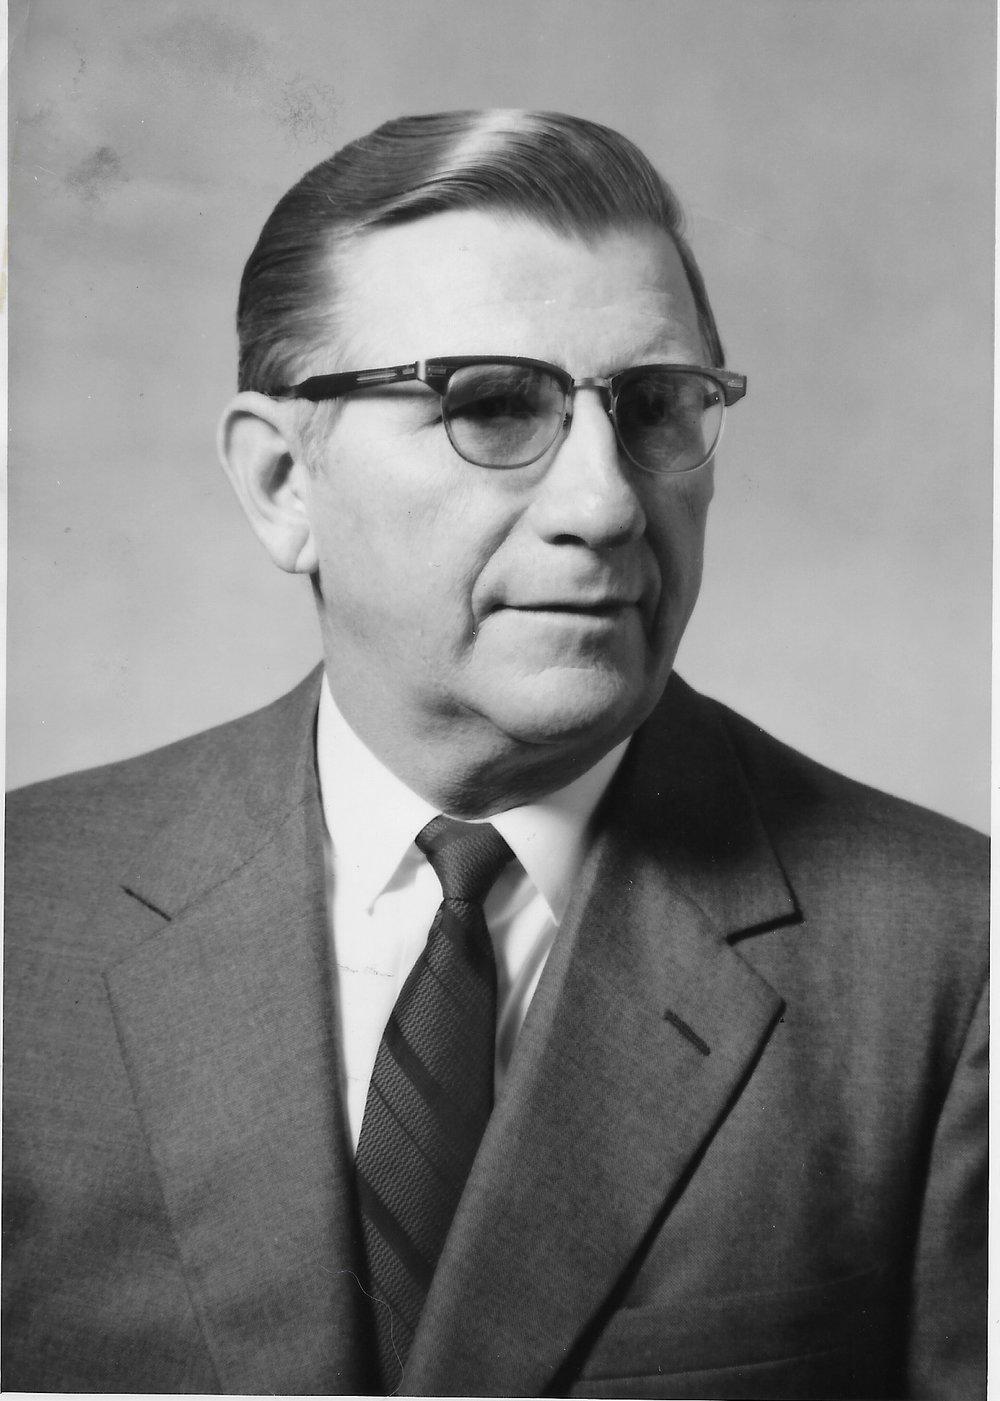 Rev. Alvin Sprecher